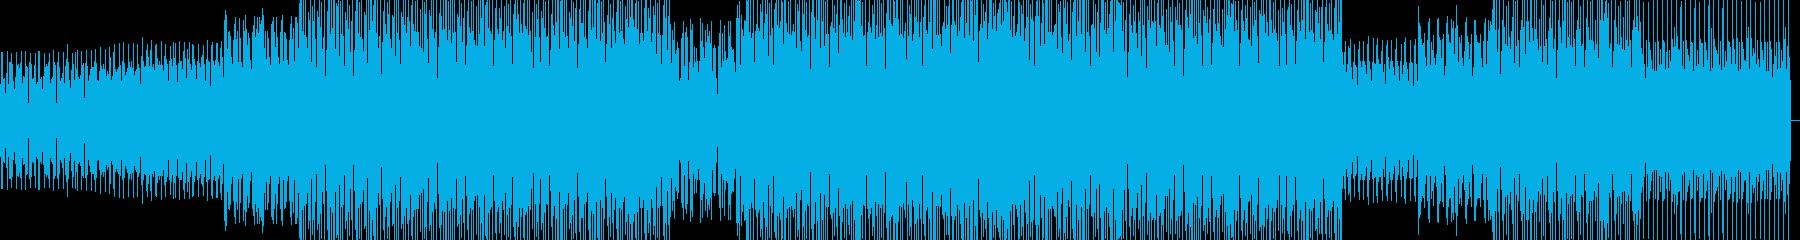 ディープ・ハウスの再生済みの波形